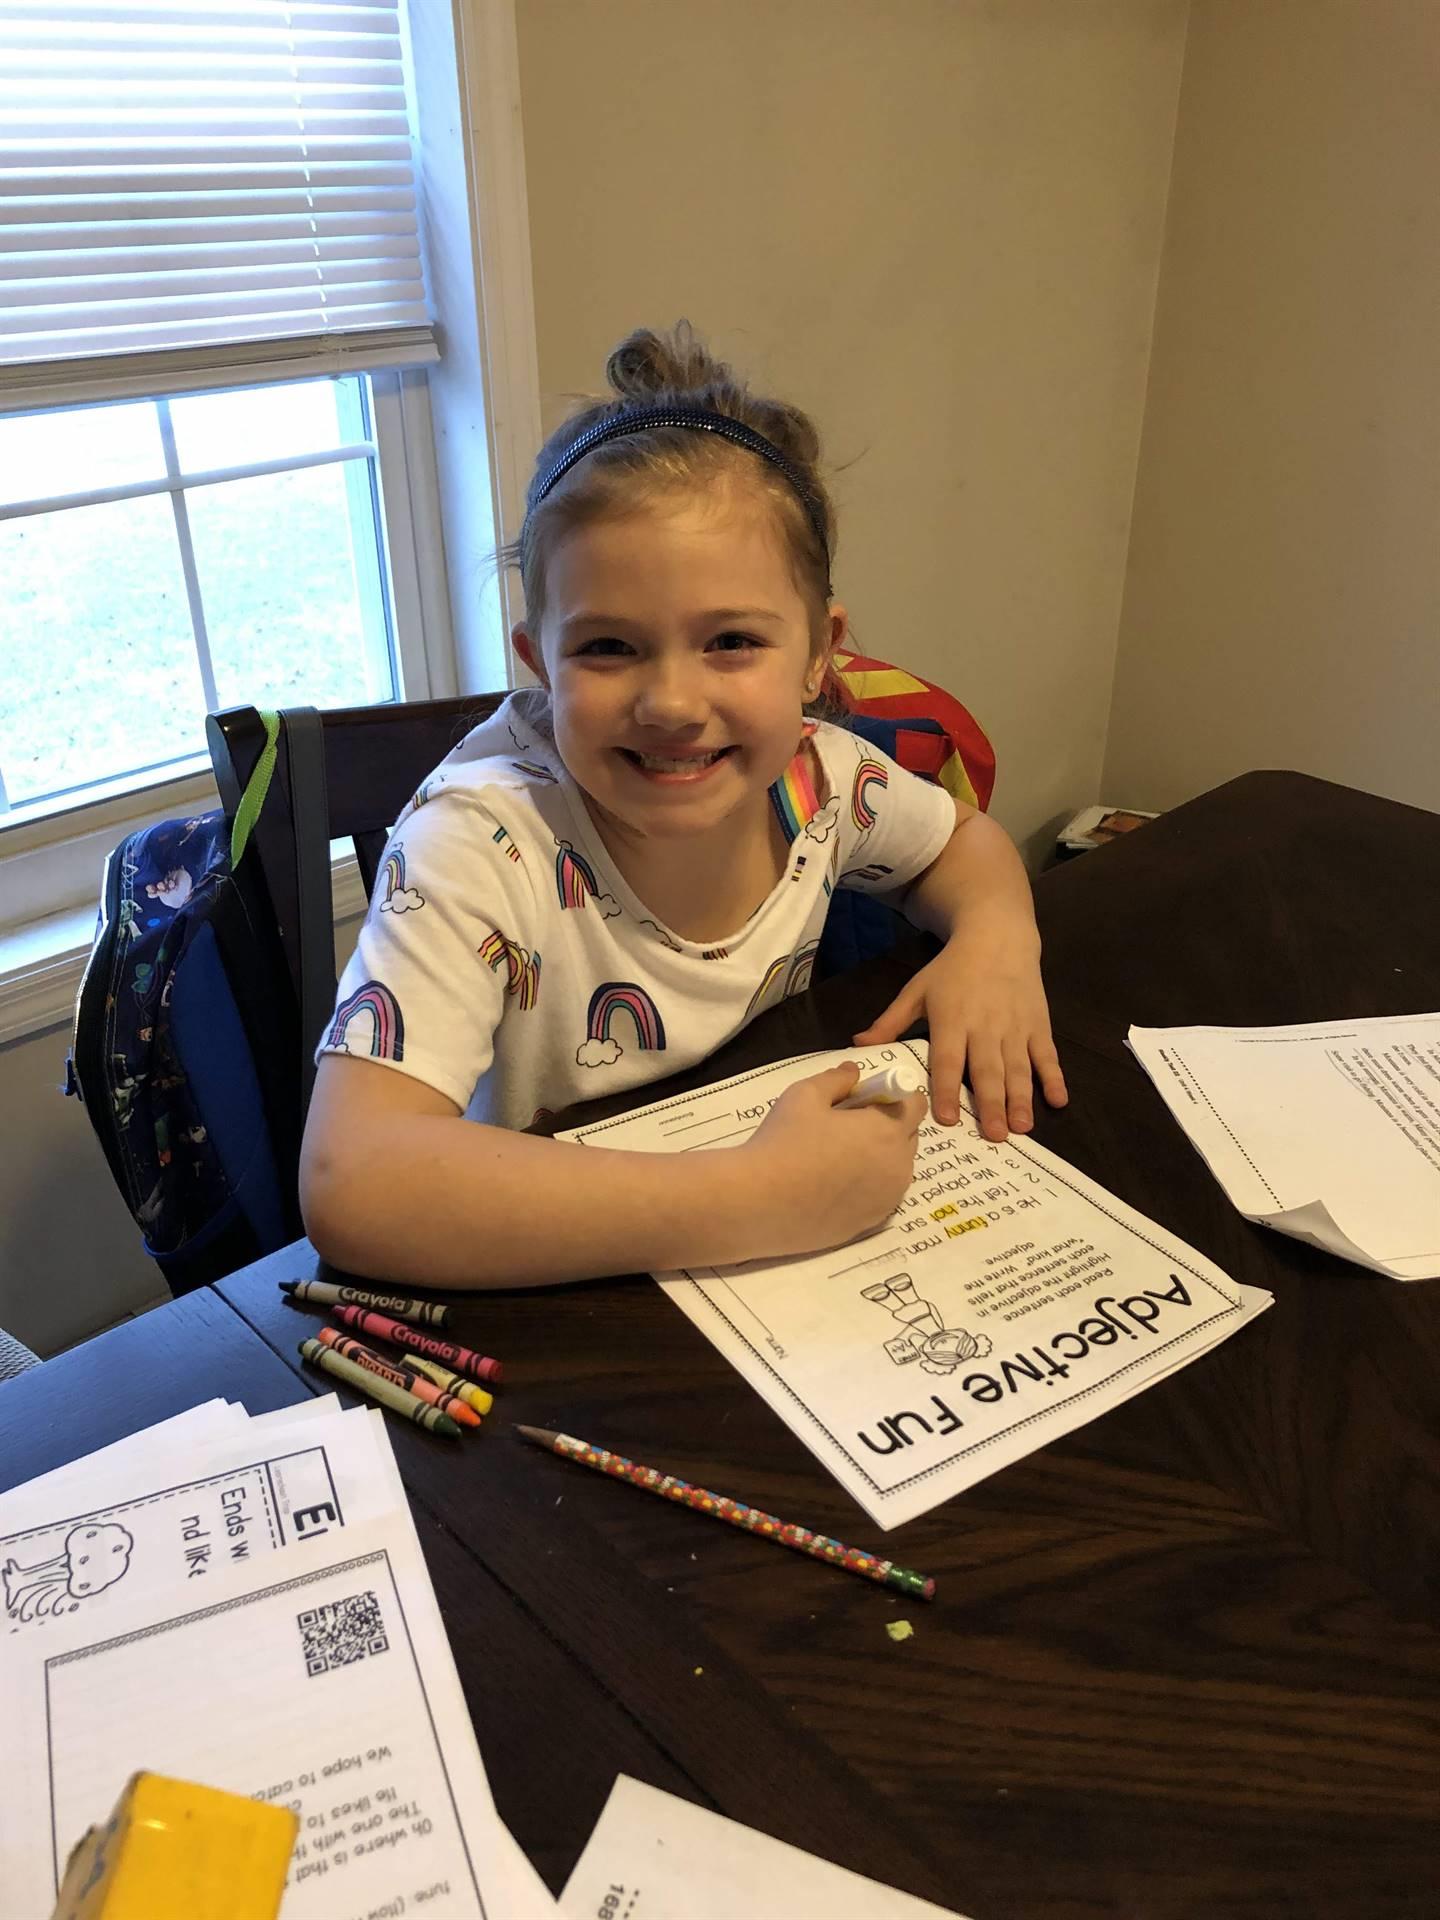 girl working on adjective fun paper